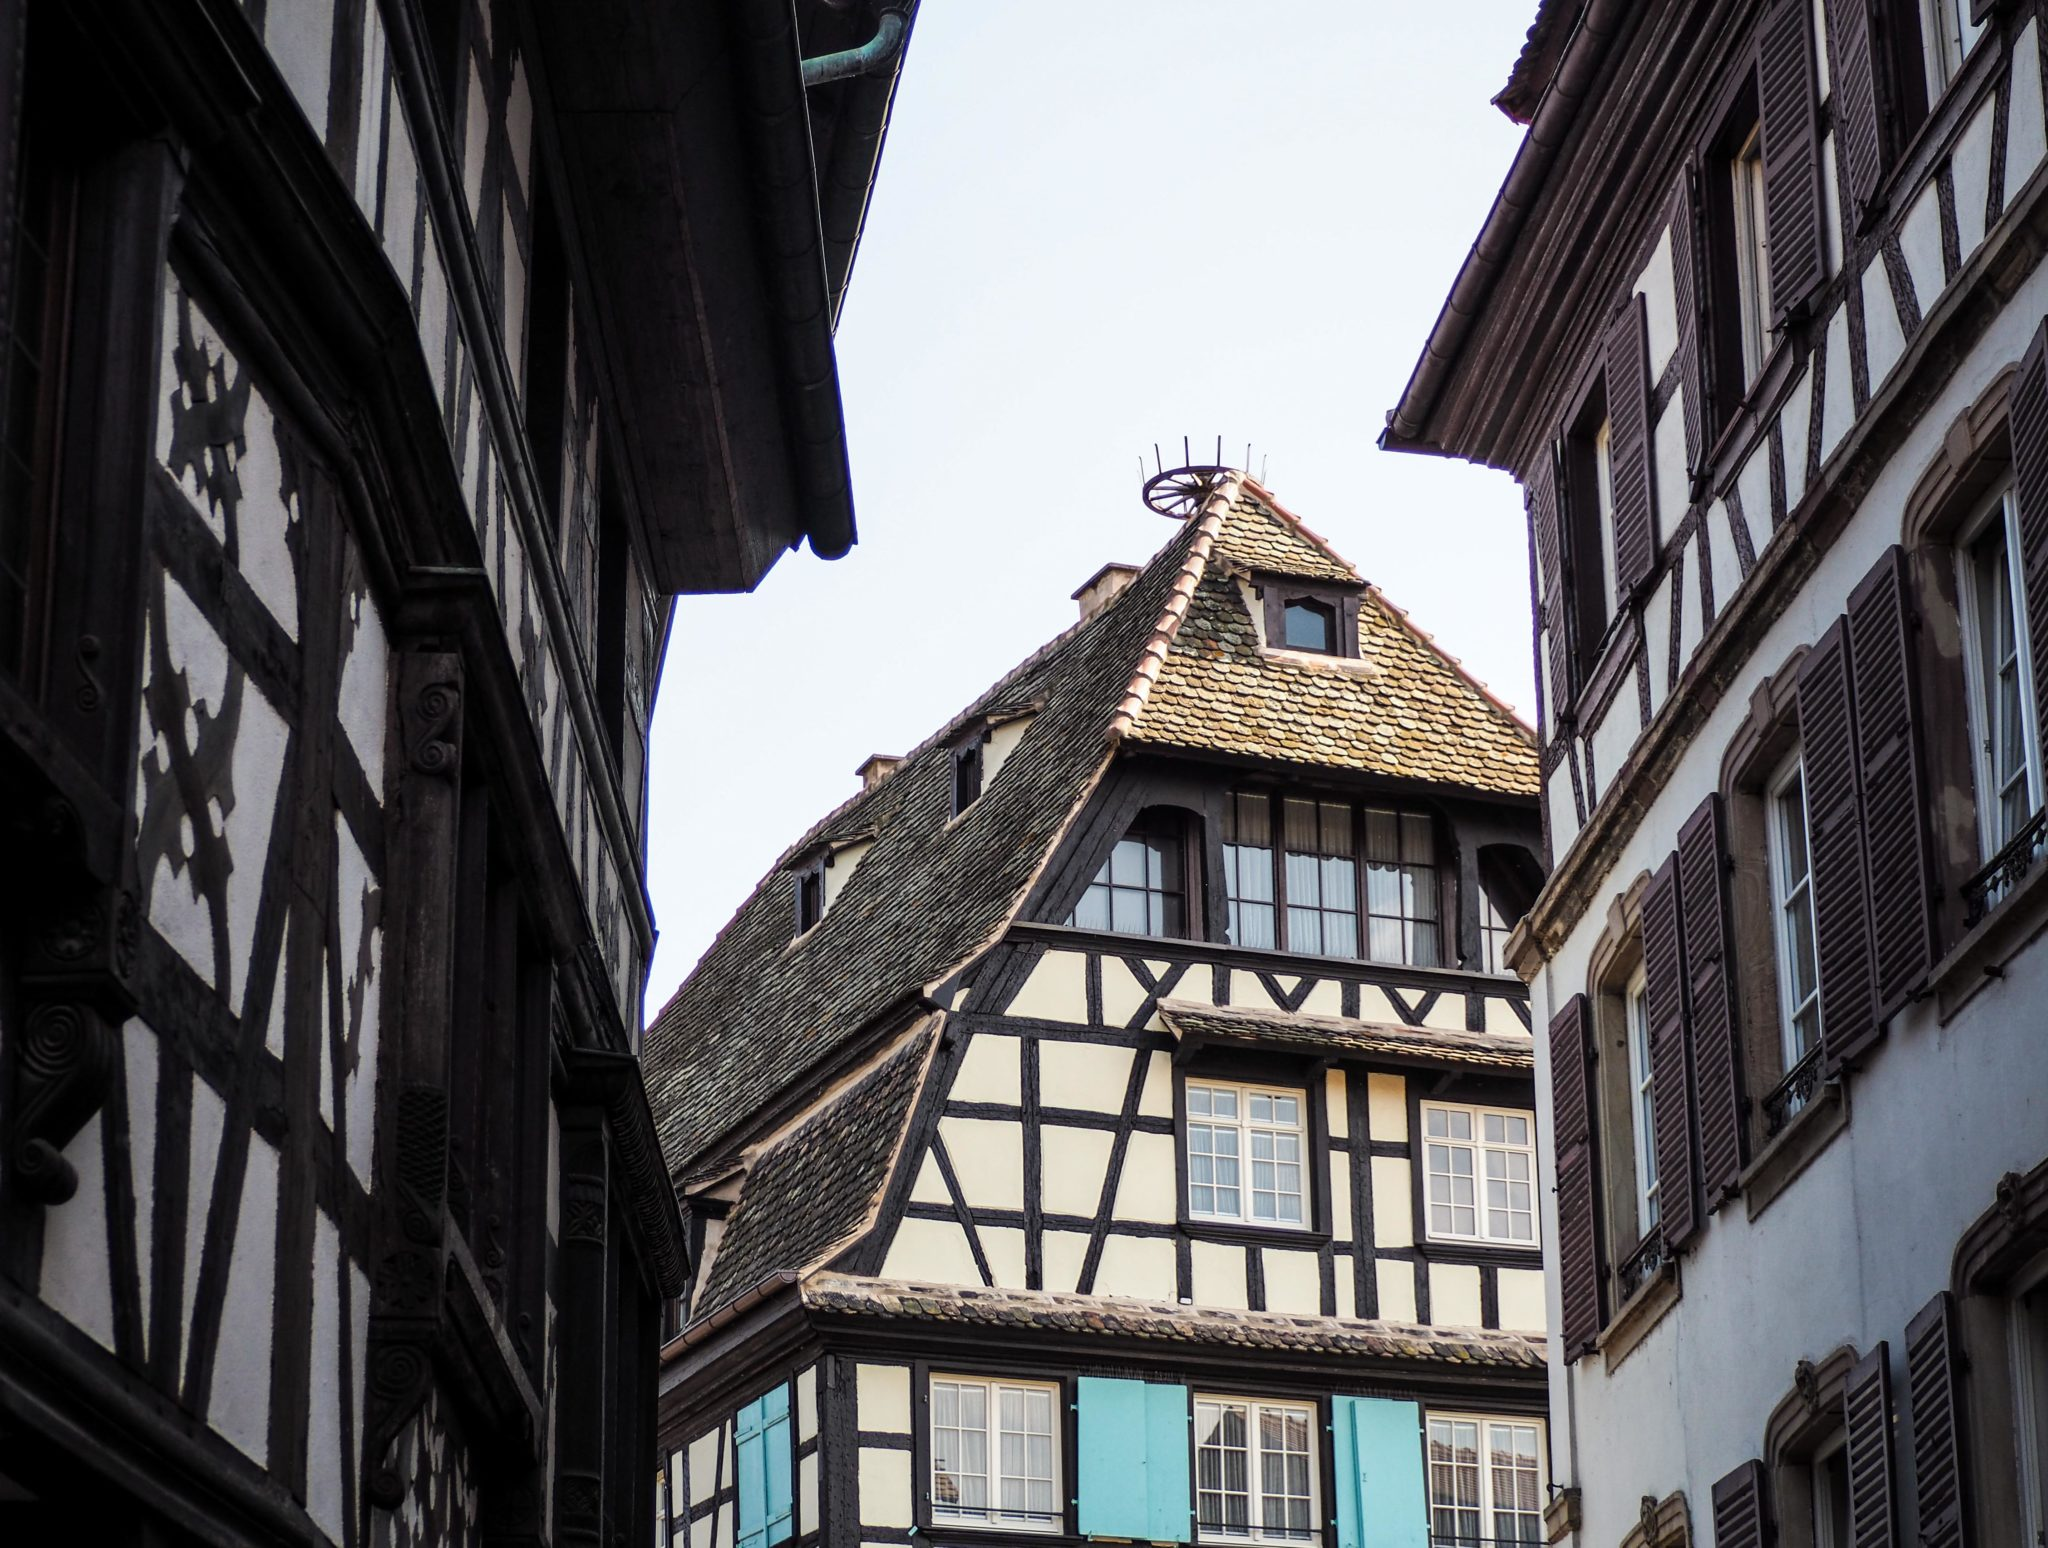 Visiter Strasbourg au fil de l'eau: 2 jours dans la capitale alsacienne entre amies - Par Voyages et Vagabondages, le blog du voyage en solo au féminin - Récit, photos, conseils, idées de visite et bonnes adresses pour visiter Strasbourg